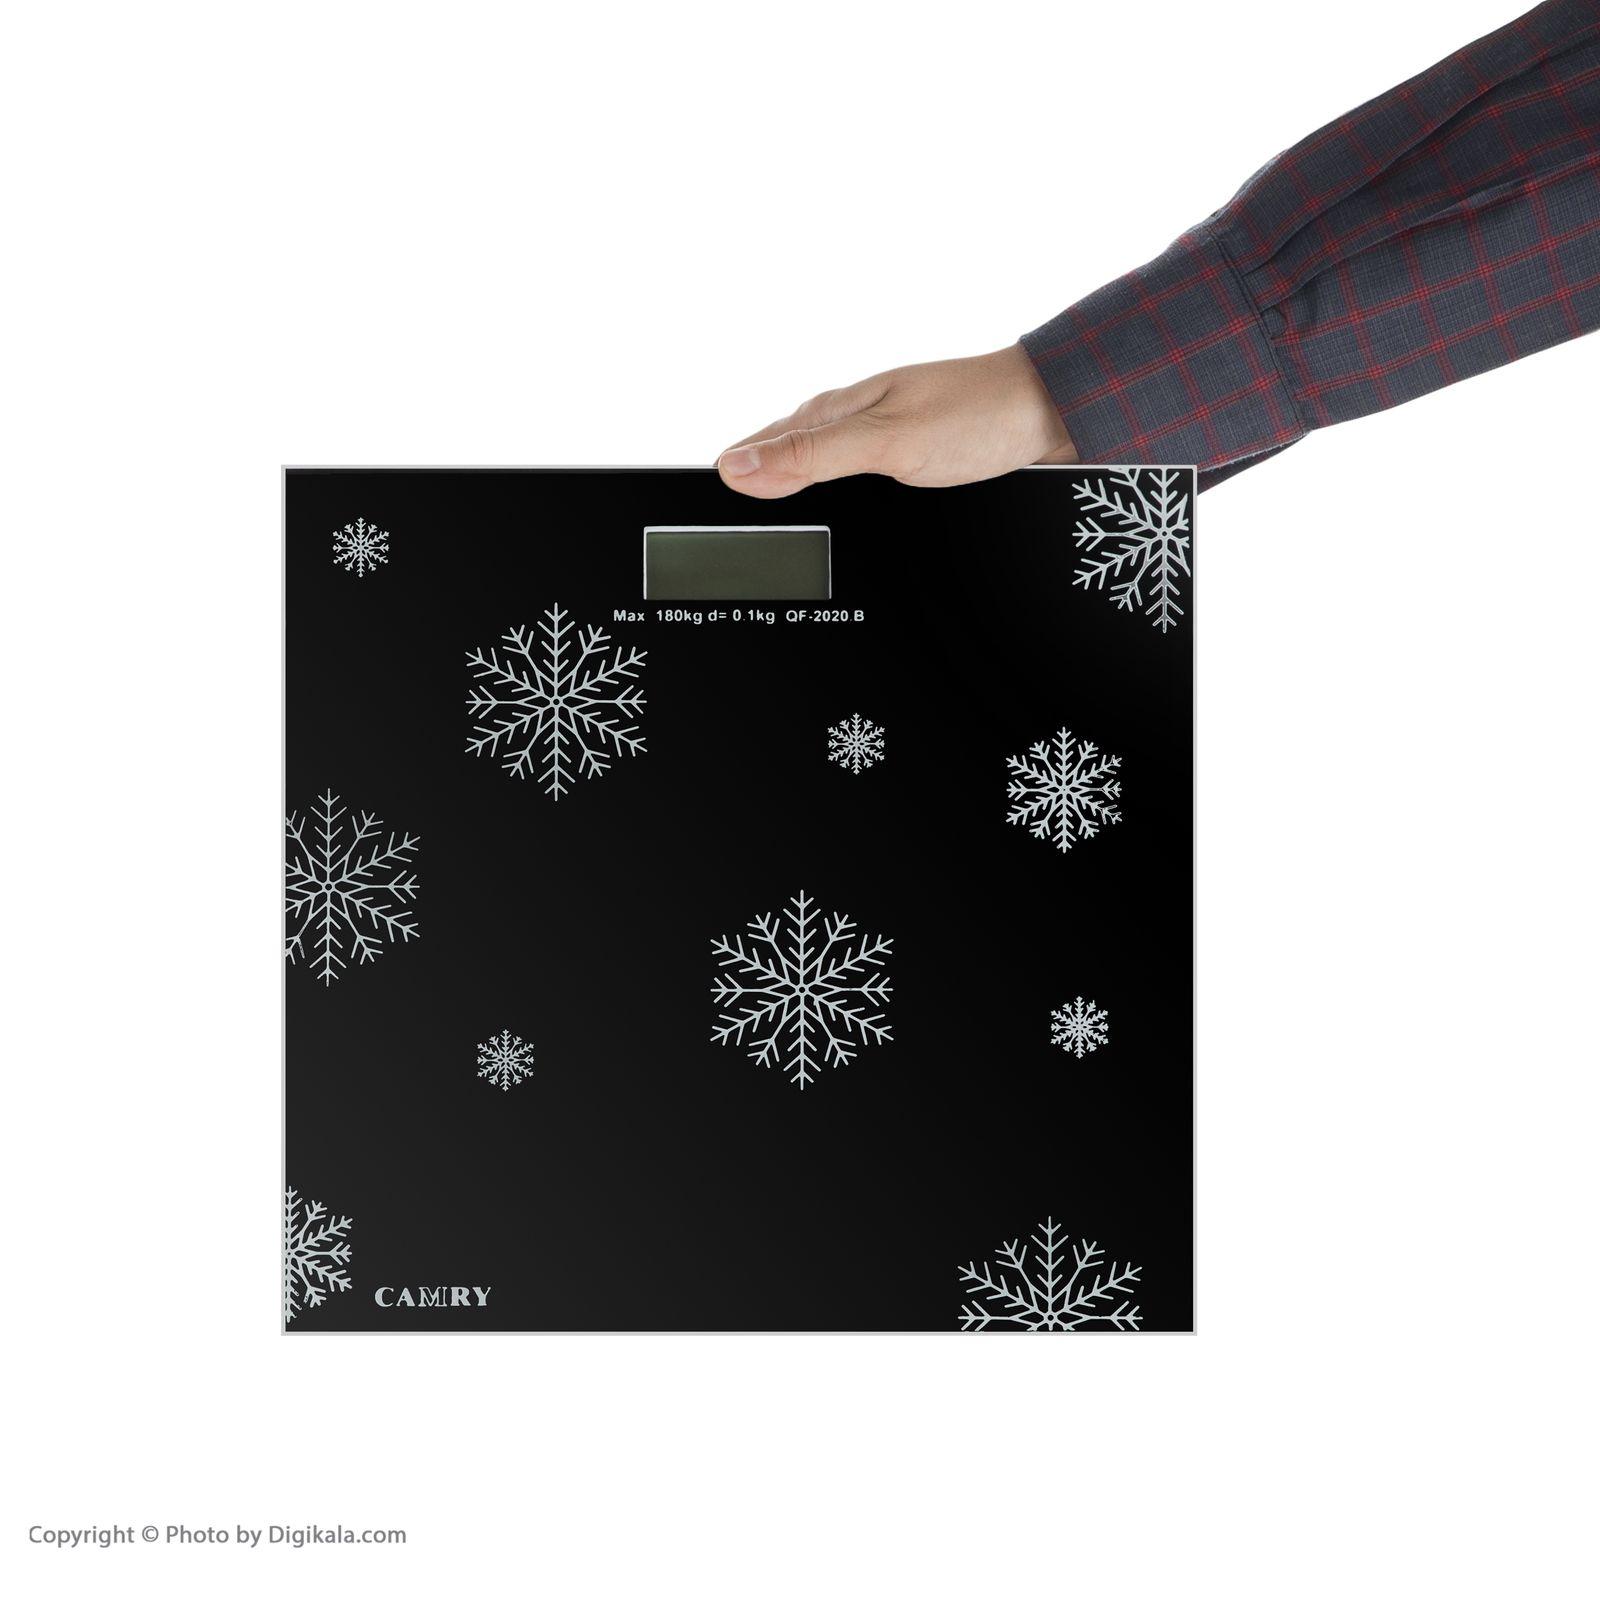 ترازو دیجیتال کمری مدل B Snow -  - 4